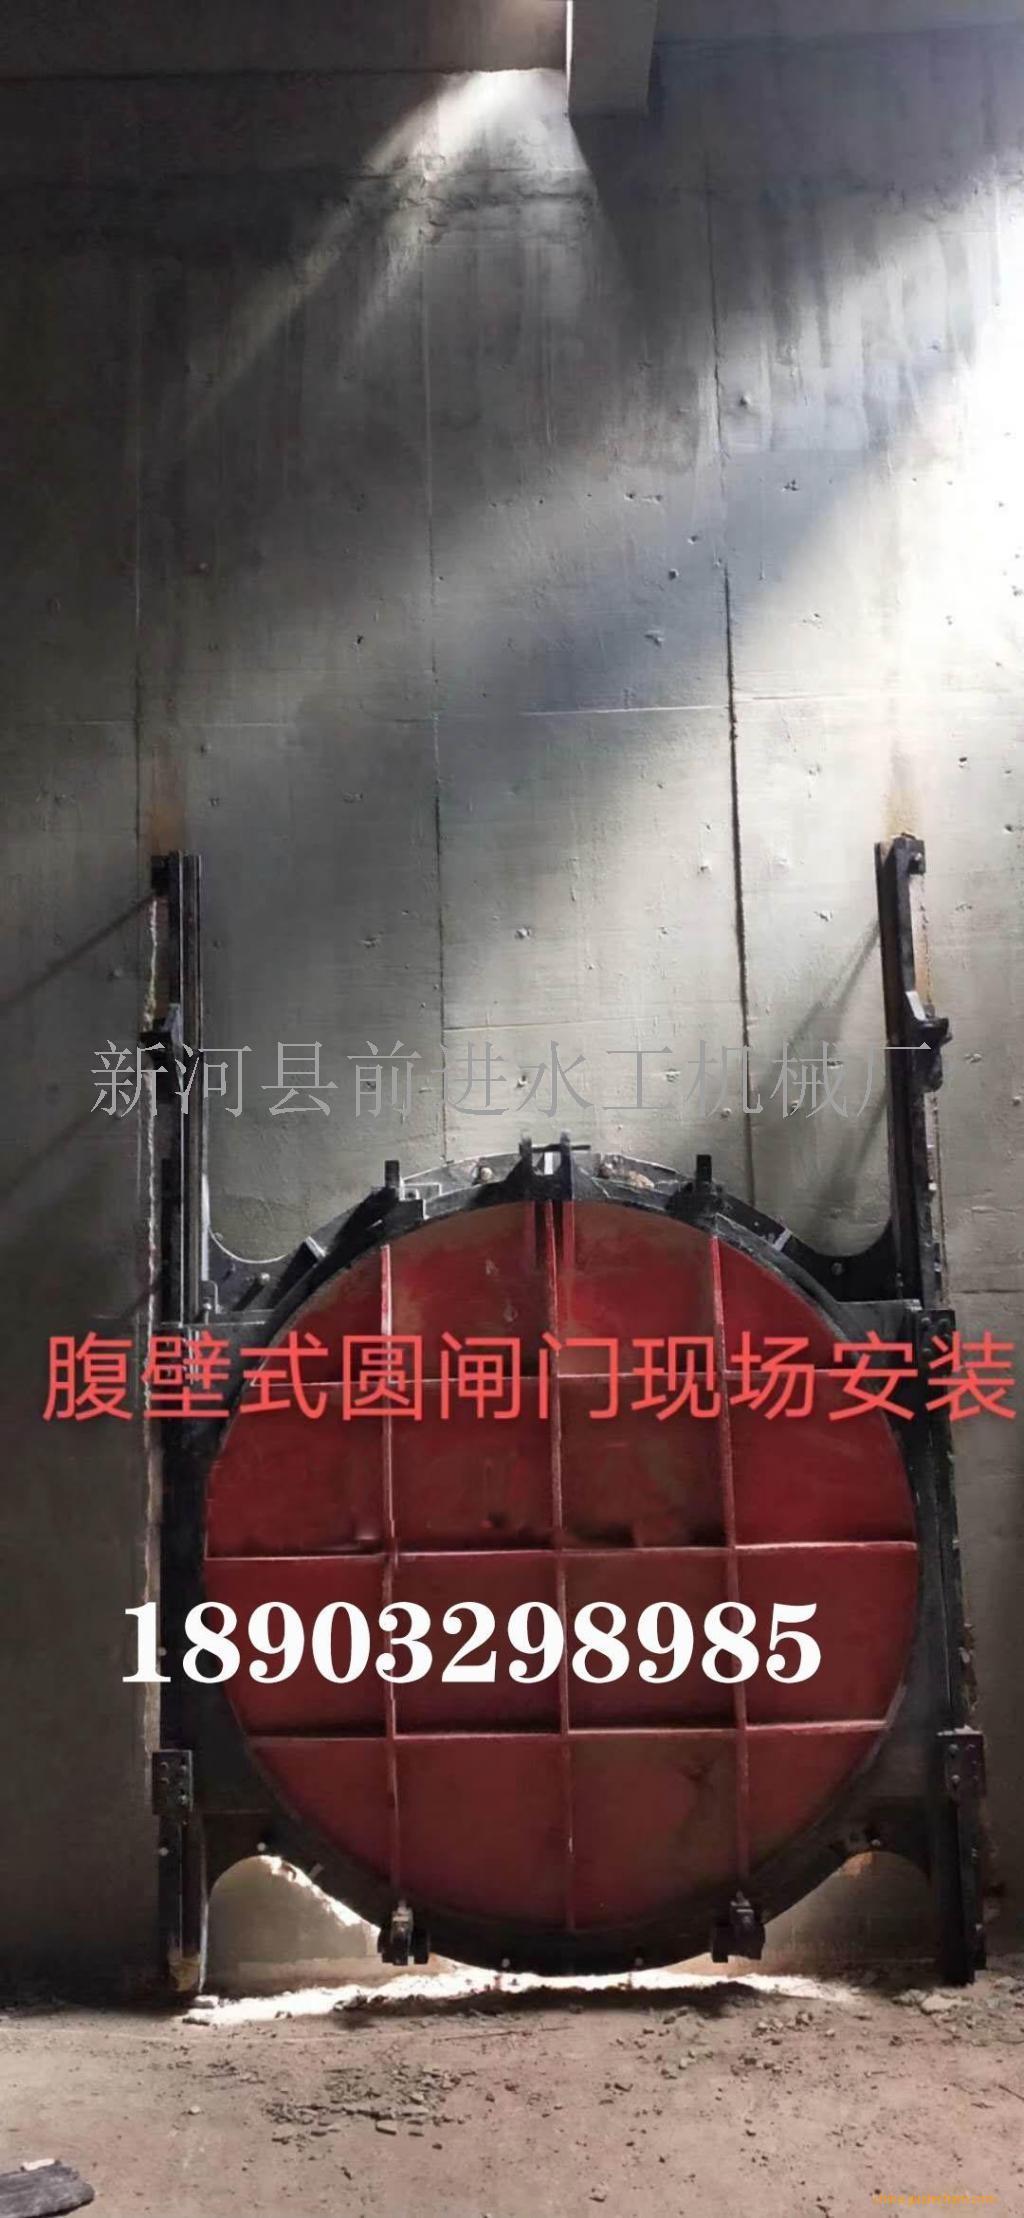 机闸一体港钢闸门源头厂家定制